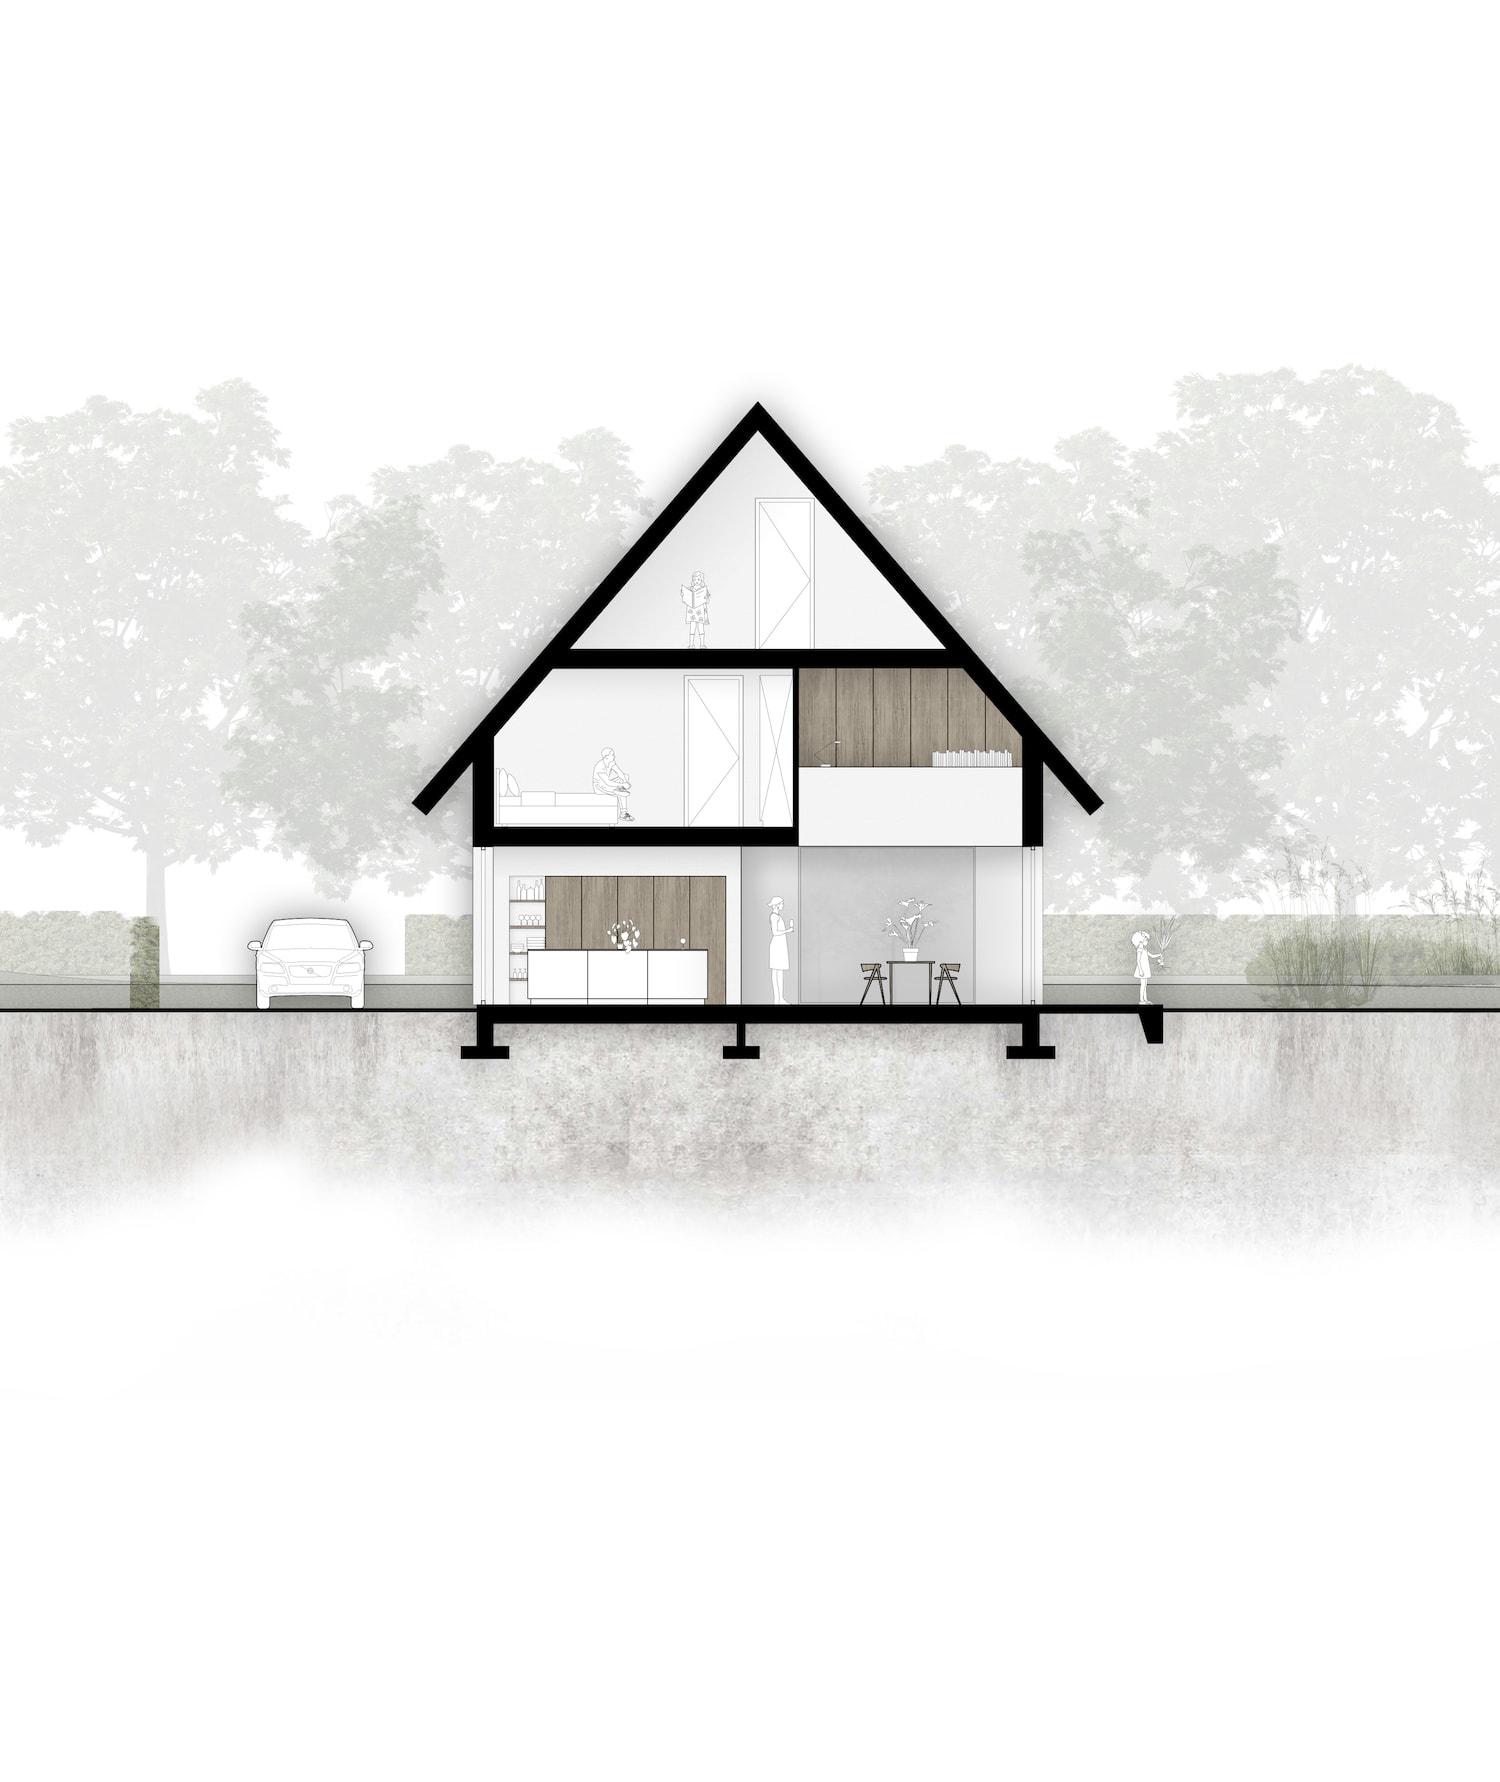 van-os-architecten-breda-nieuwbouw-woning-in-gevelstucwerk-en-stalen-dak-hoge-gouw-teteringen-doorsneden-met-vide-studieruimte-en-woonkamer-keuken